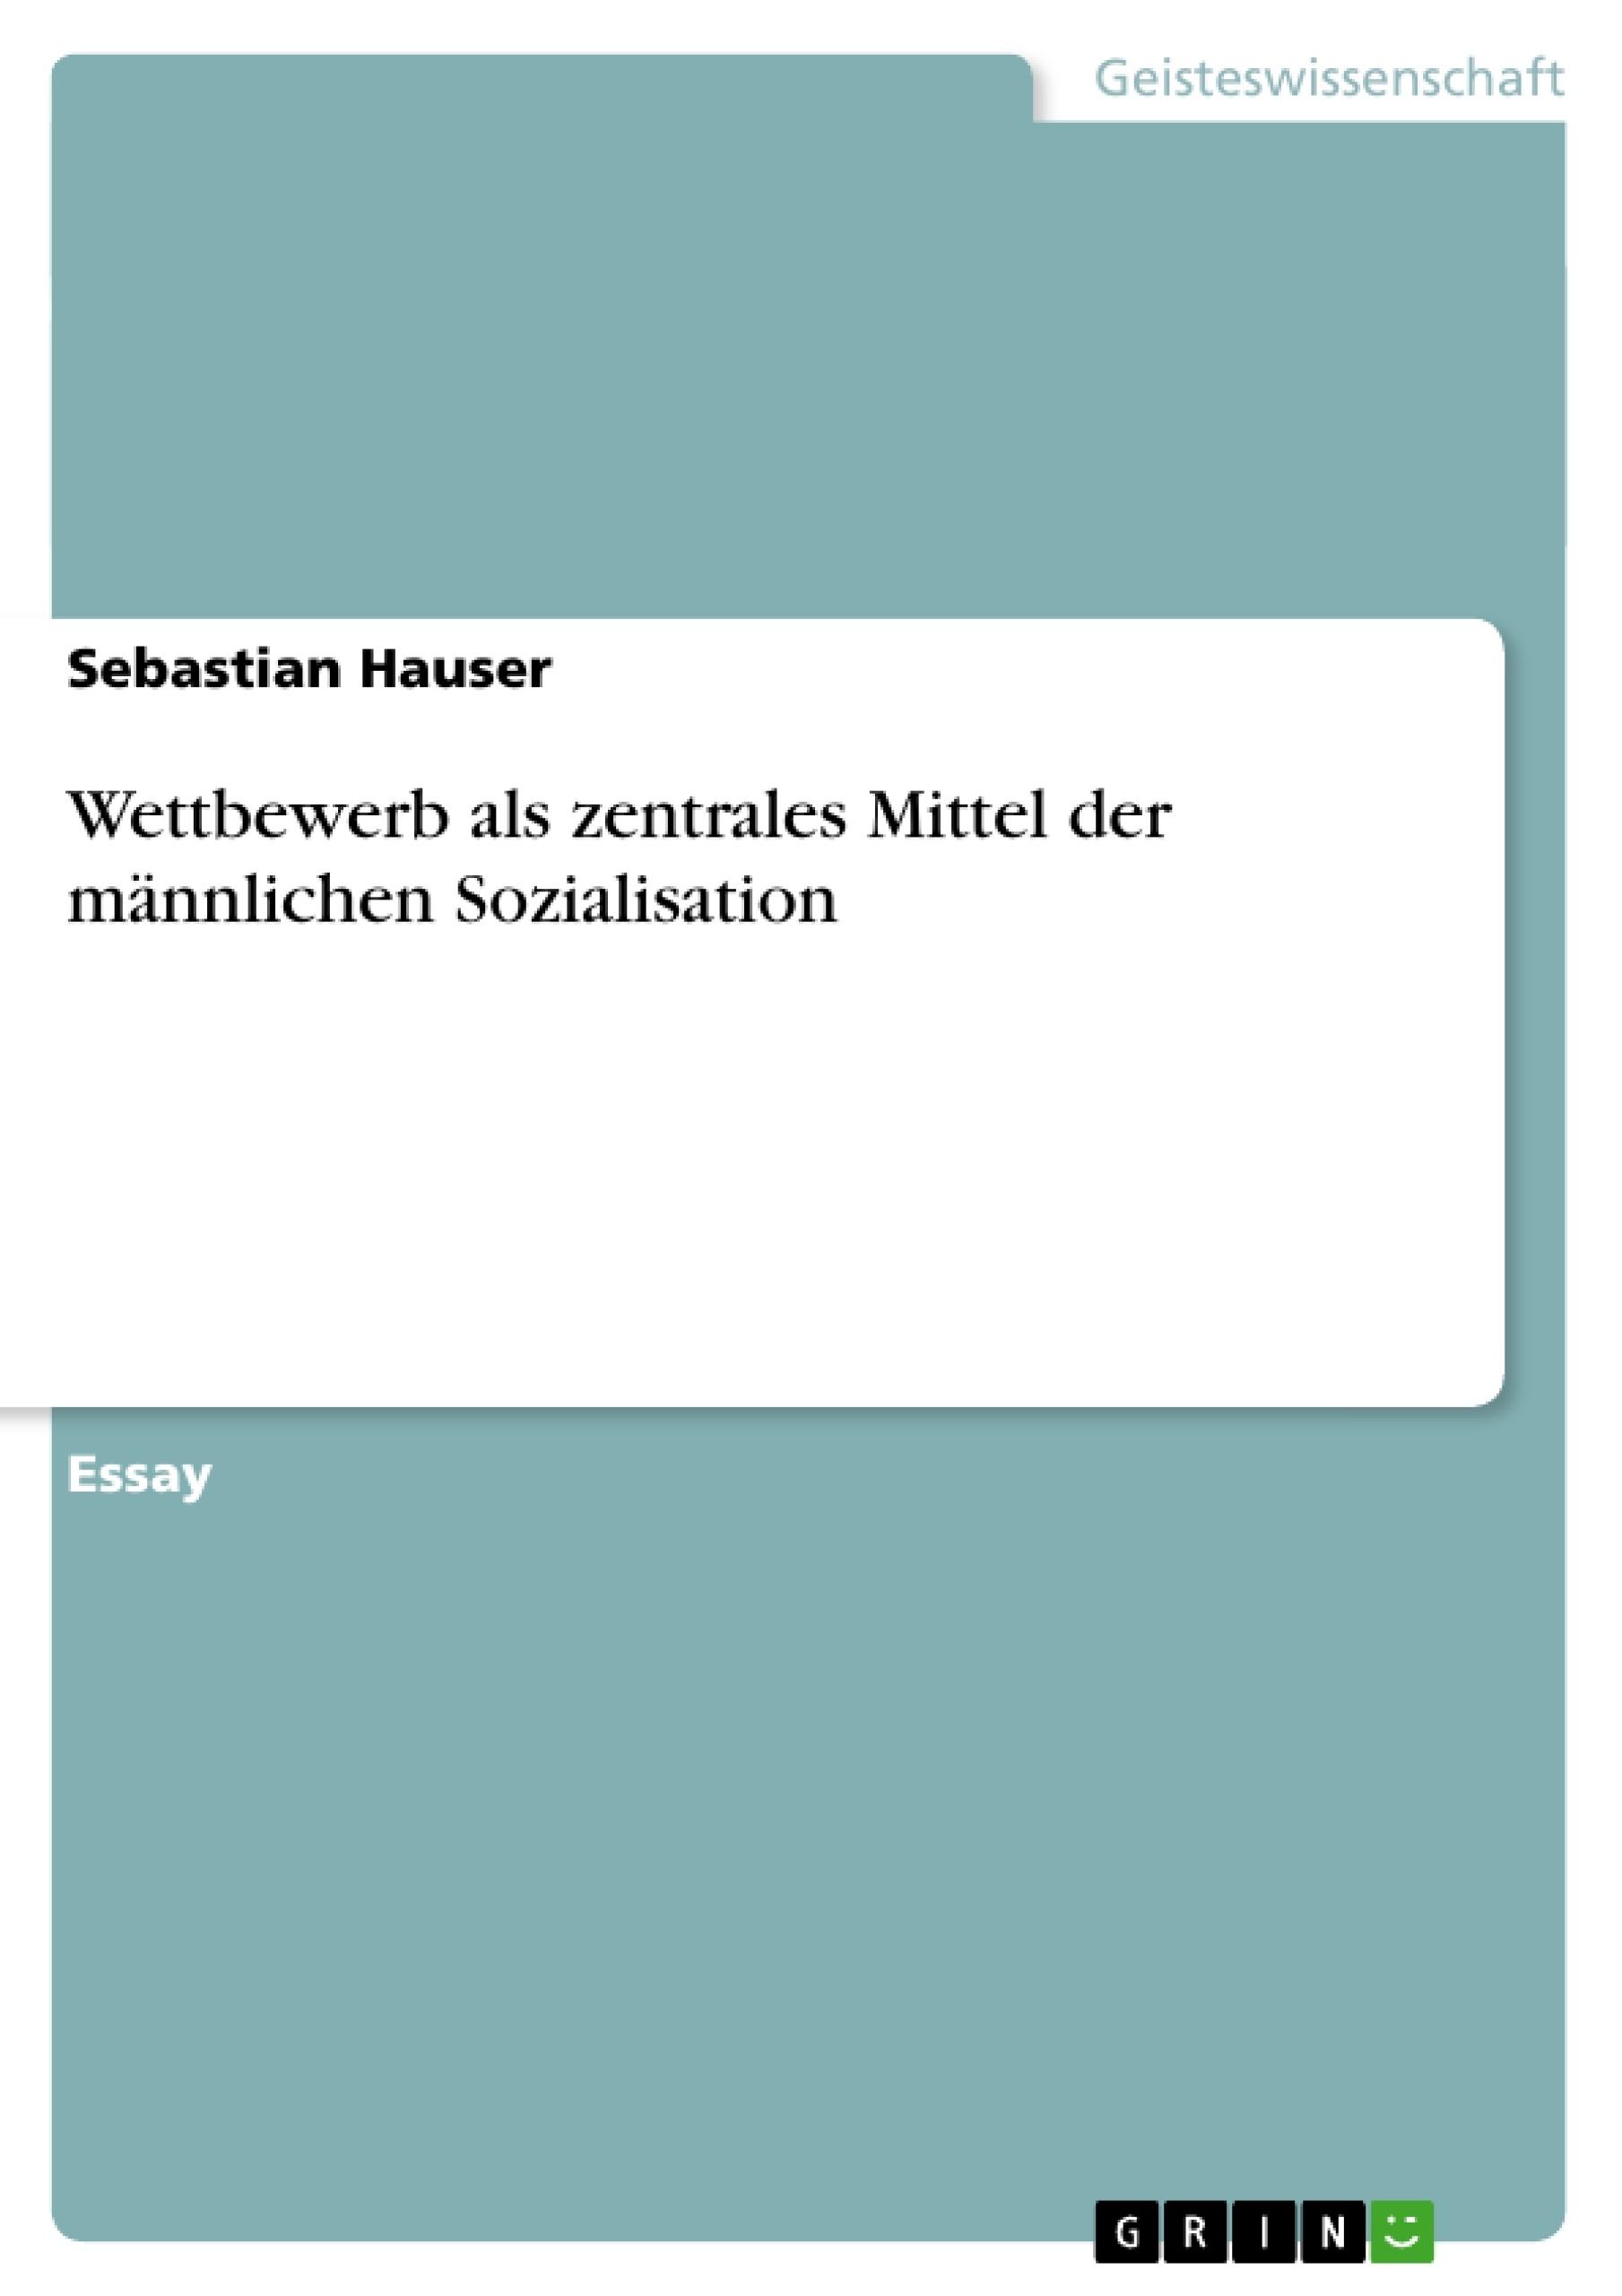 Titel: Wettbewerb als zentrales Mittel der männlichen Sozialisation